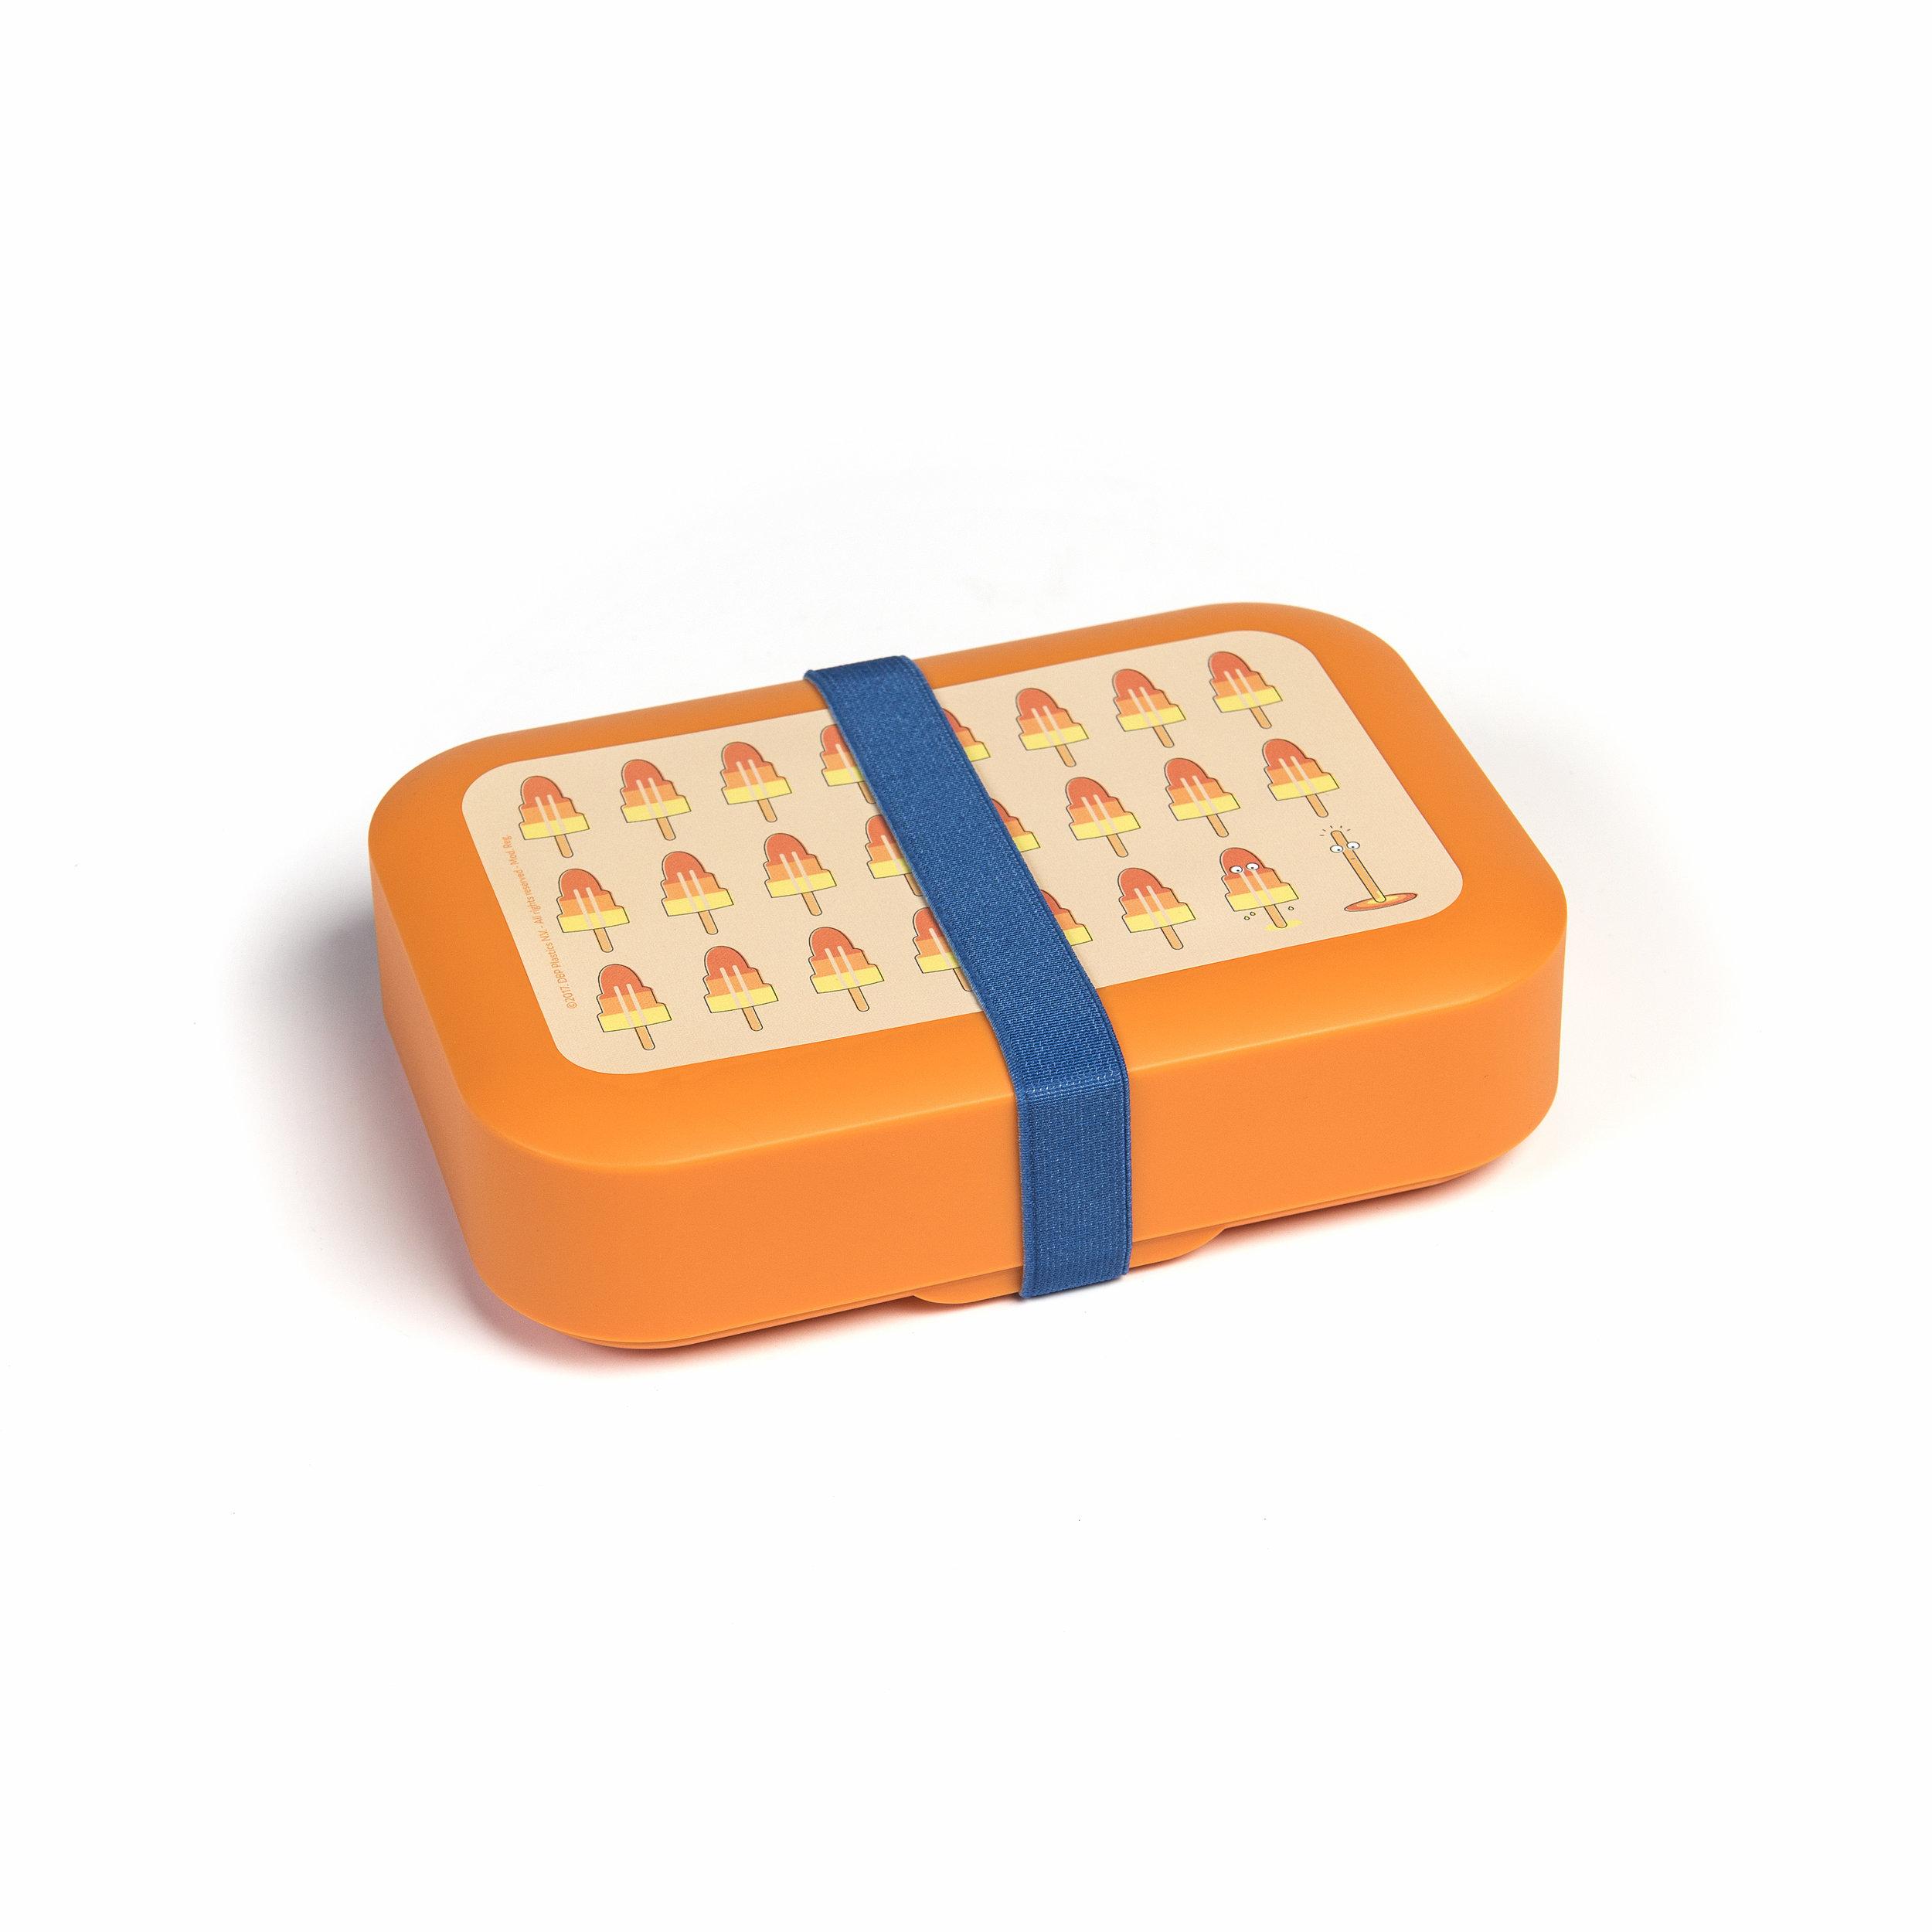 Orange Medium A-000124